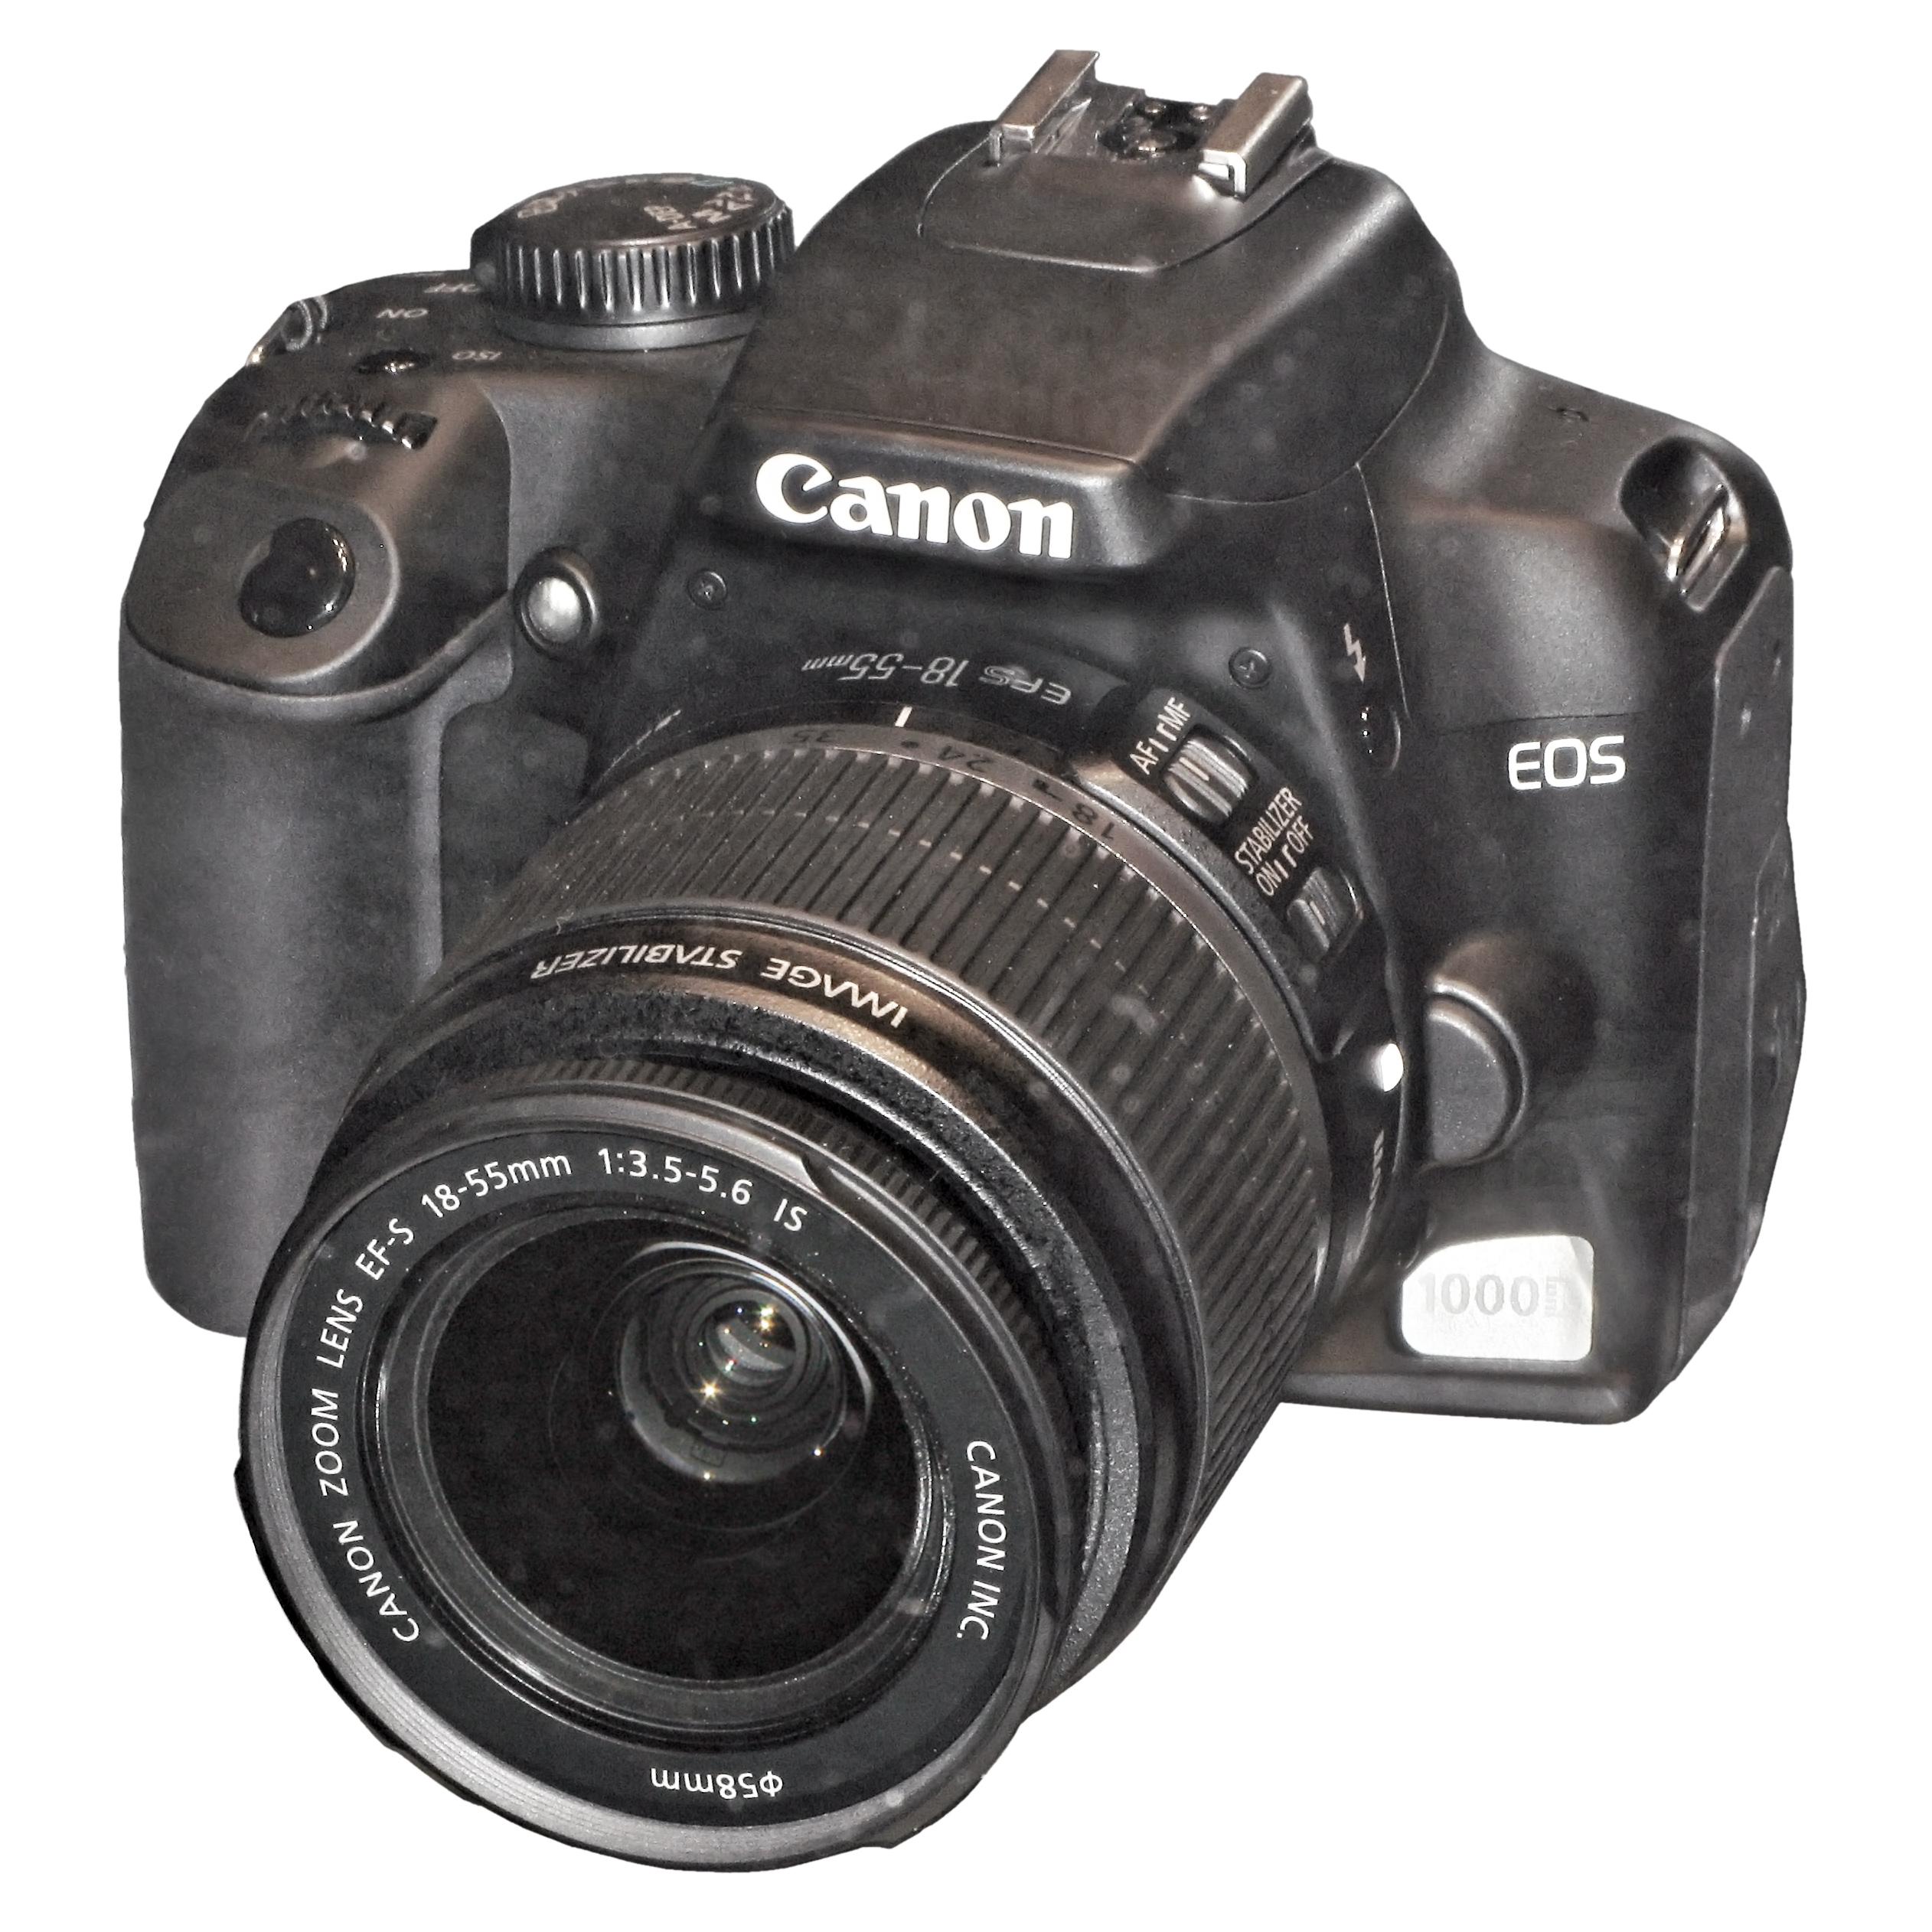 canon eos 1000d wikipedia